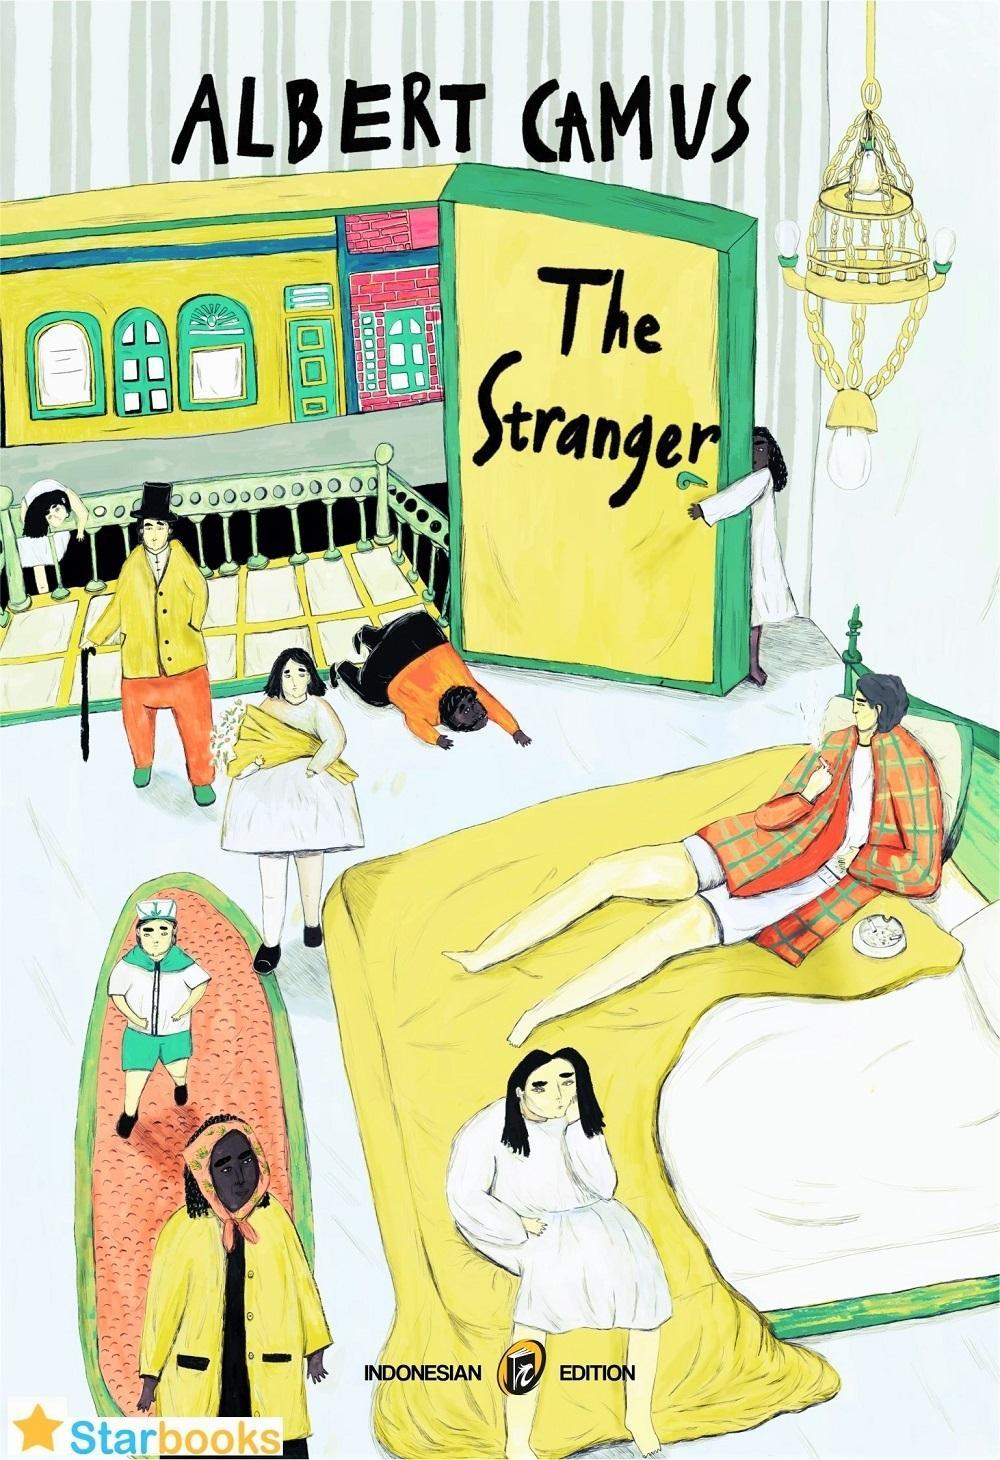 NOVEL THE STRANGER - ALBERT CAMUS